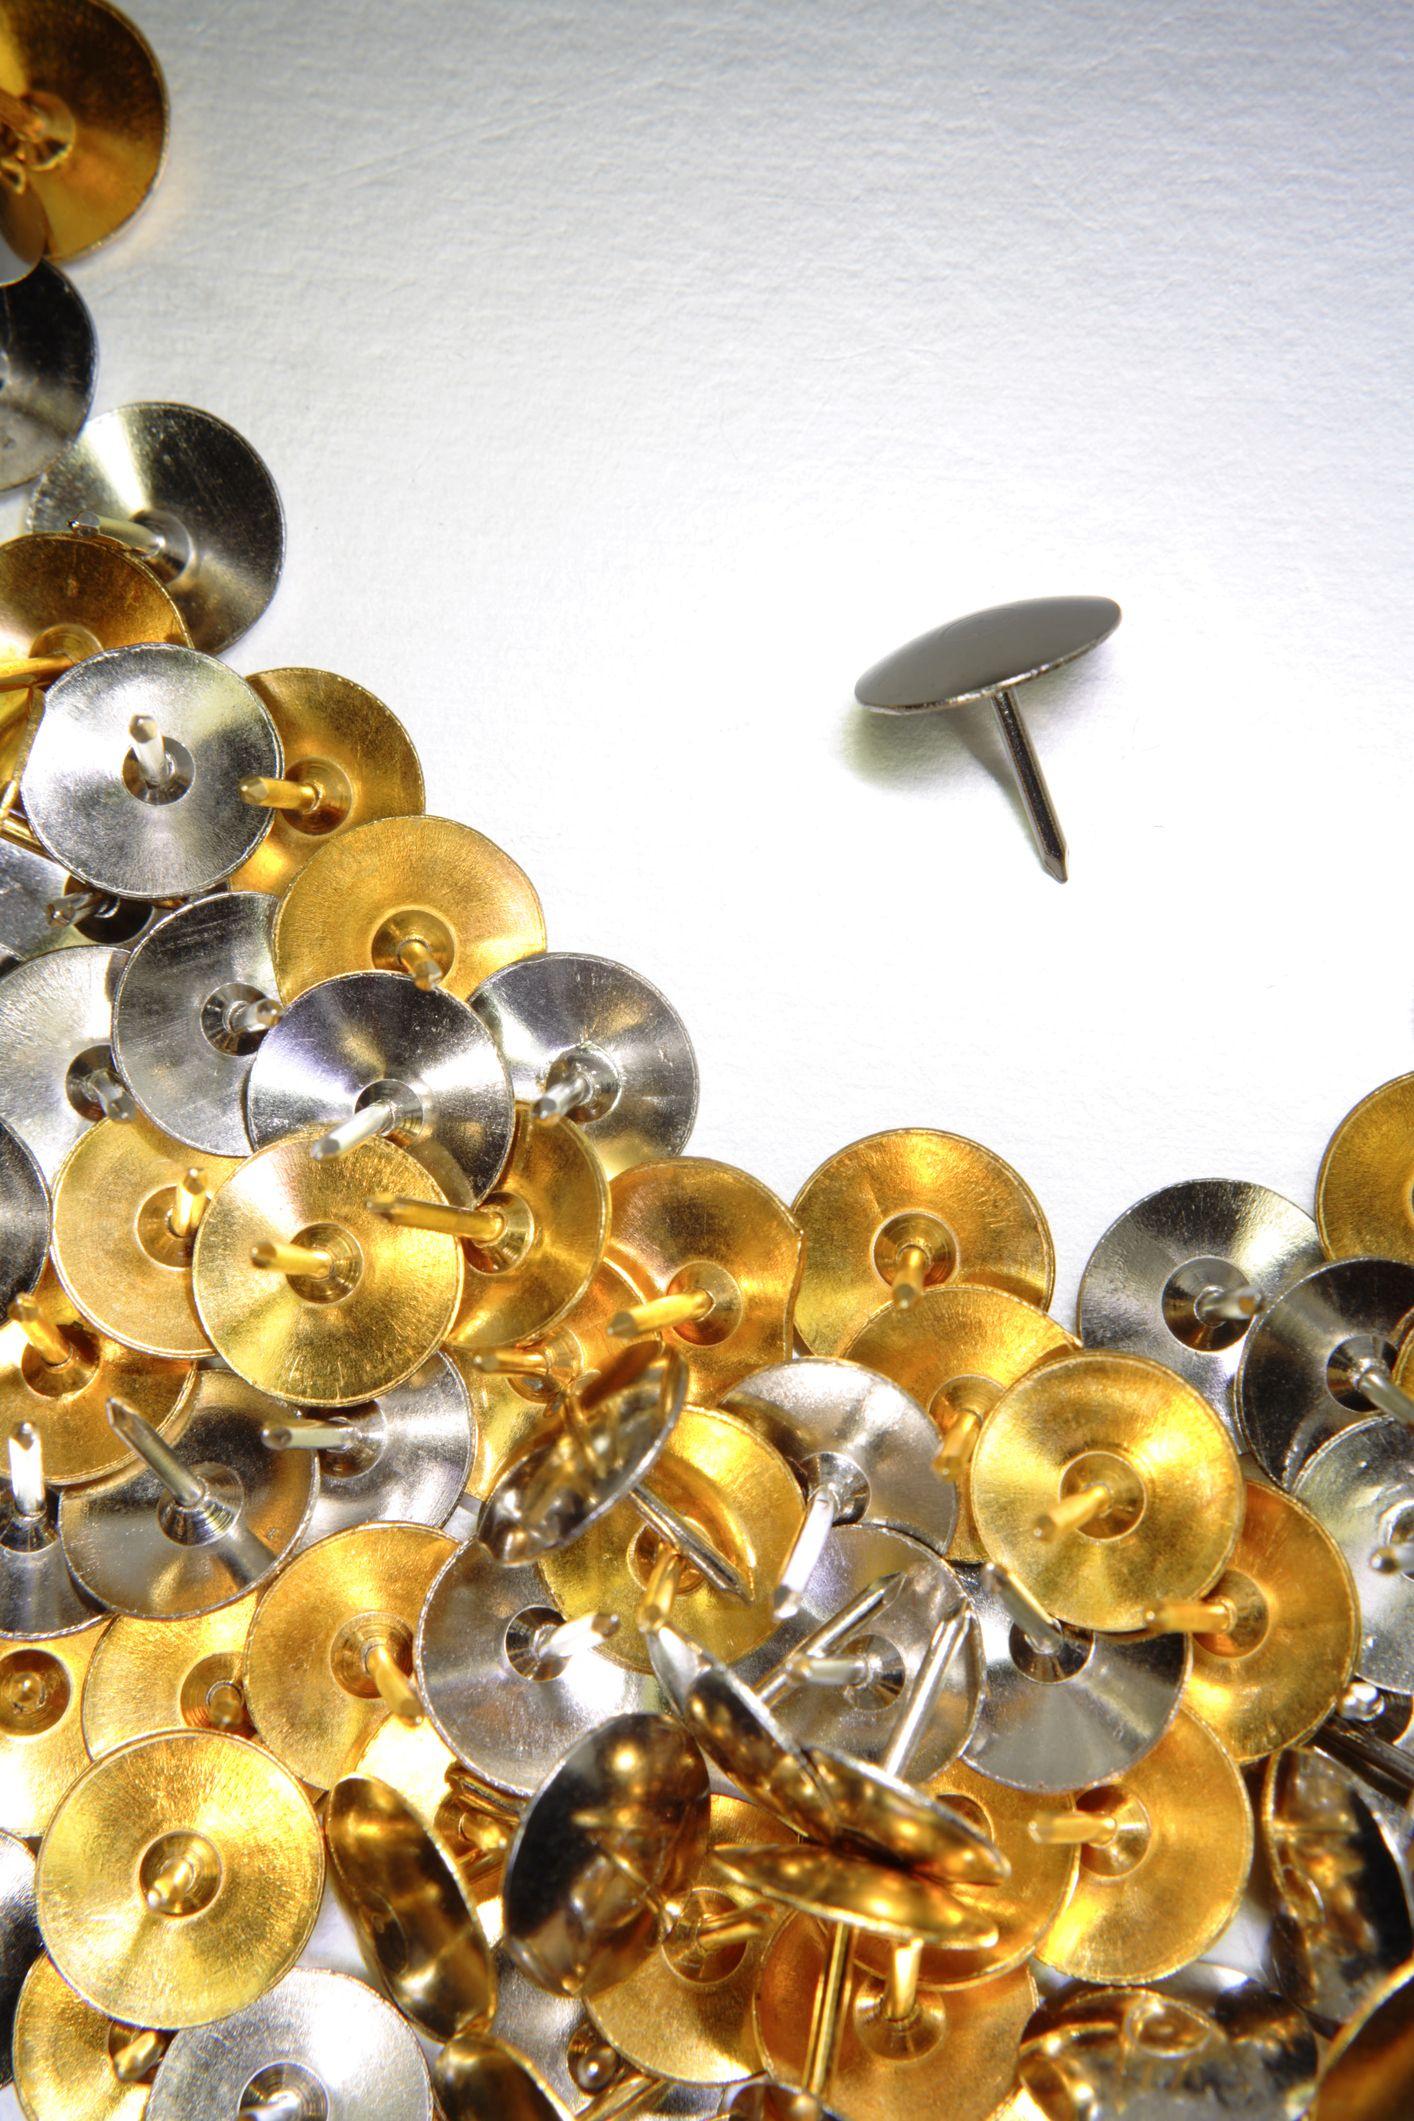 gold and silver thumbtacks